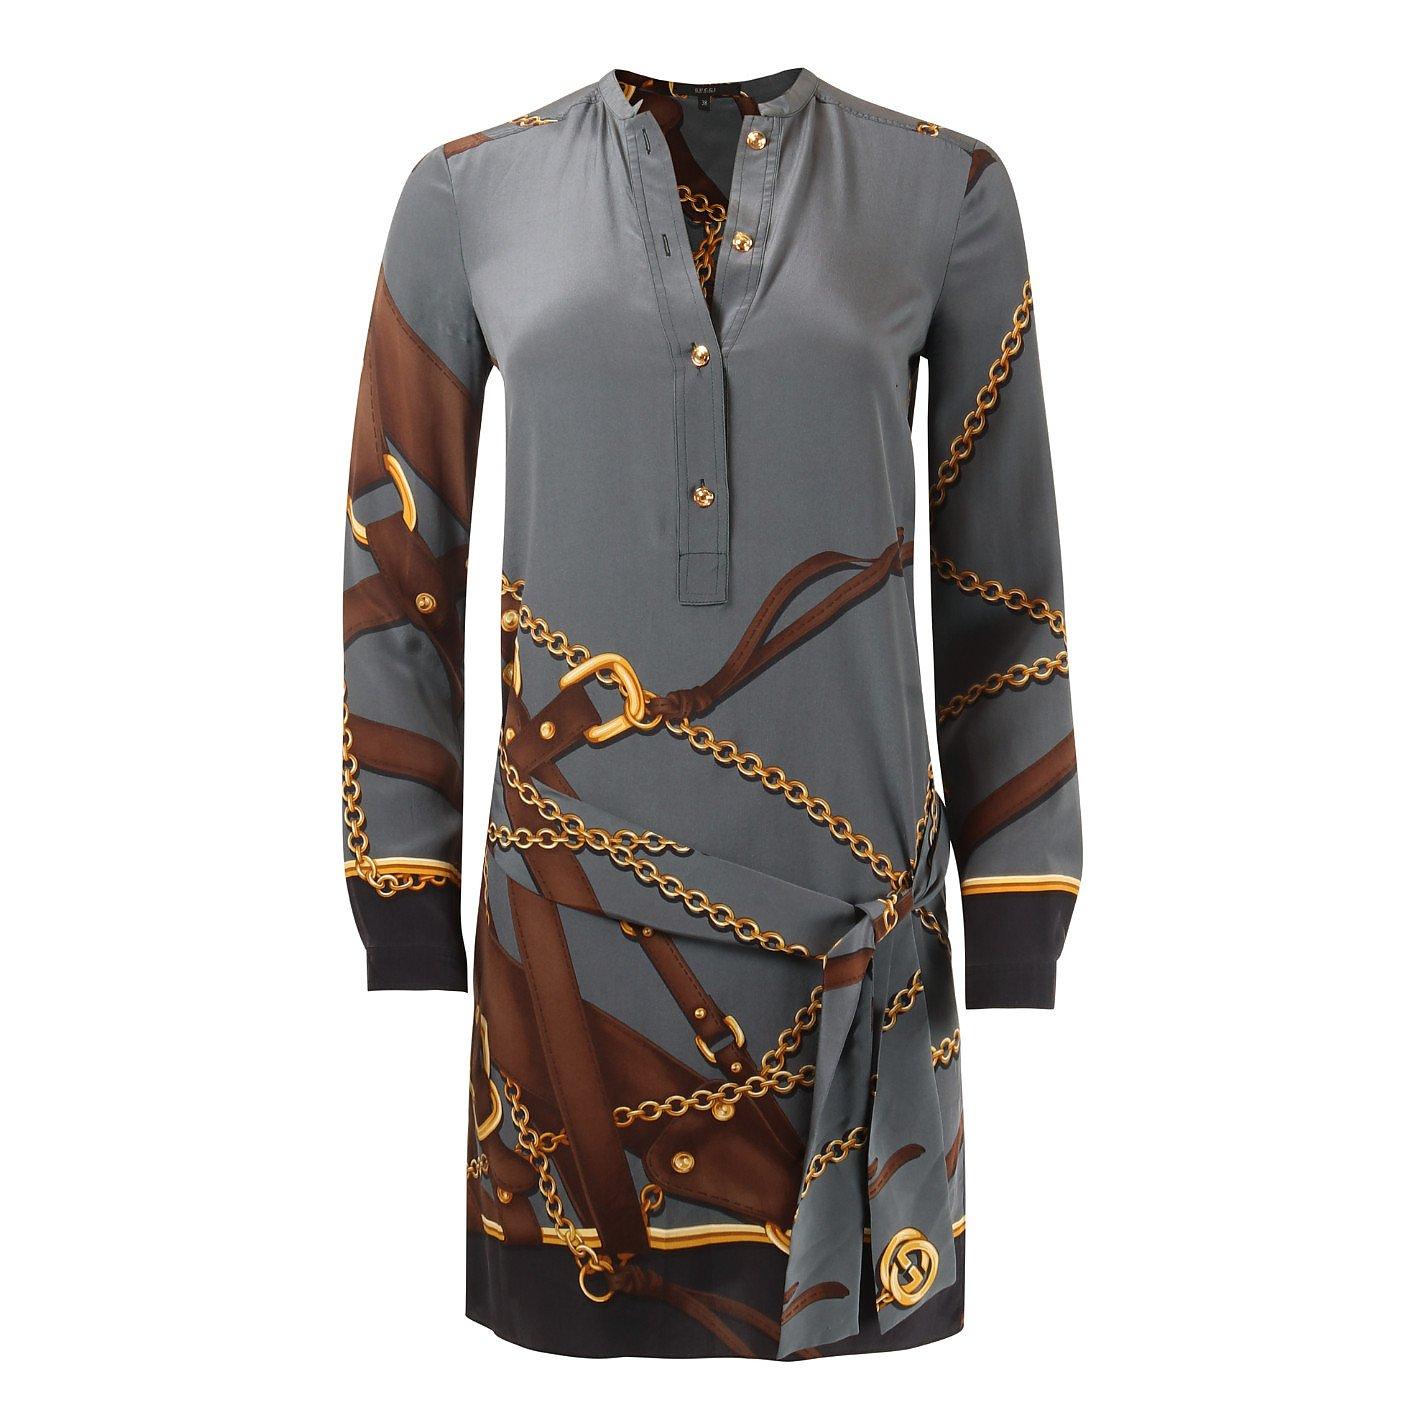 Gucci Chain Print Mini Dress